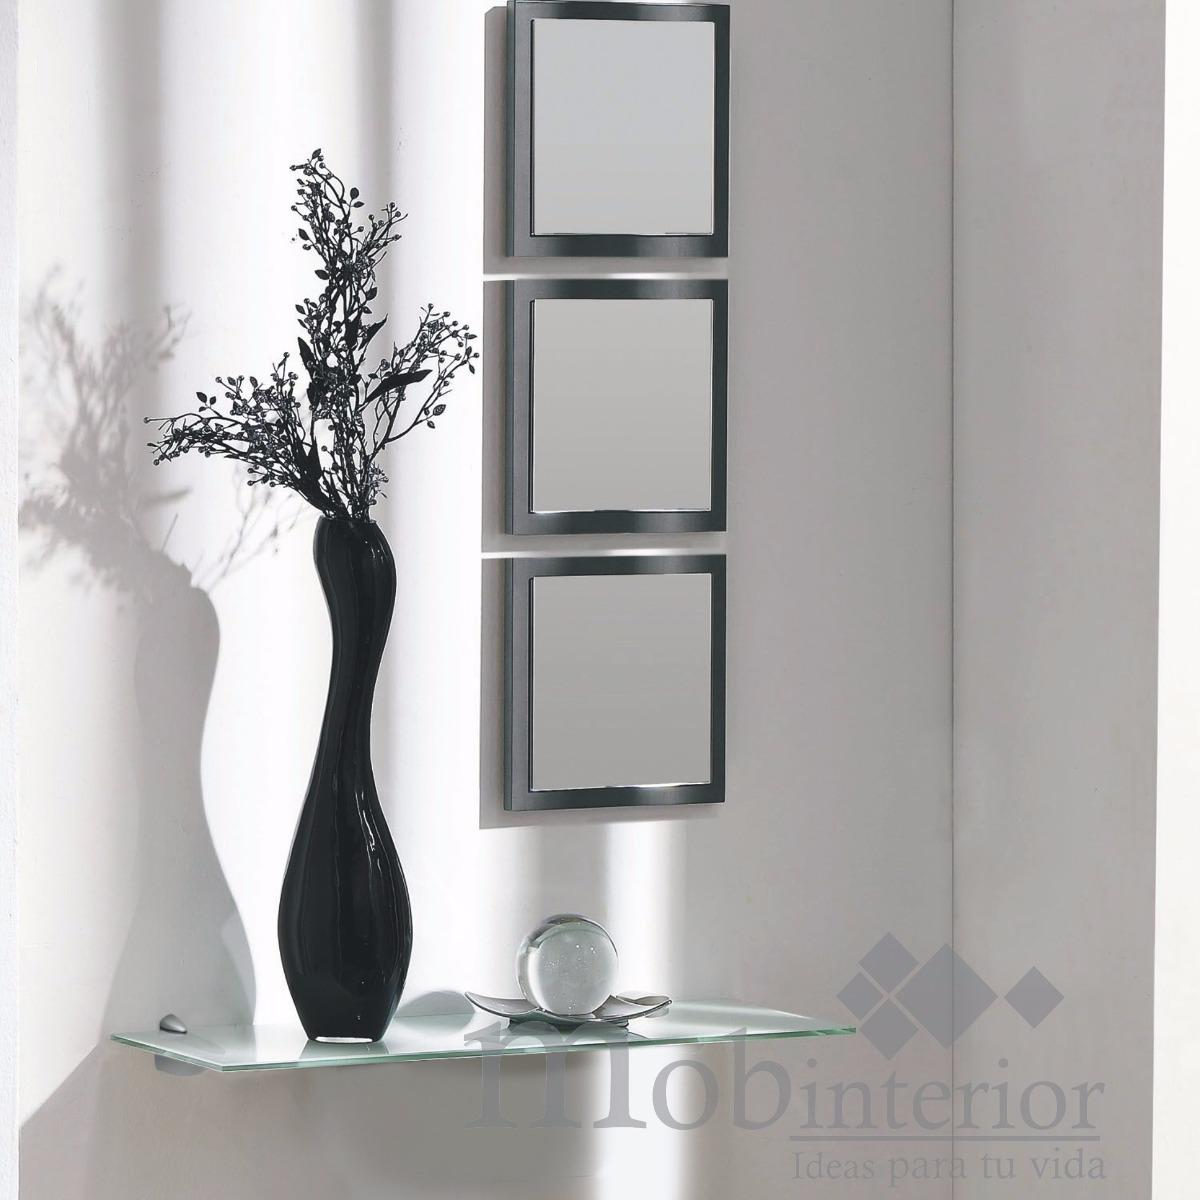 Repisa recibidor empotrable cristal con 3 espejos vitemex for Espejos decorativos conforama